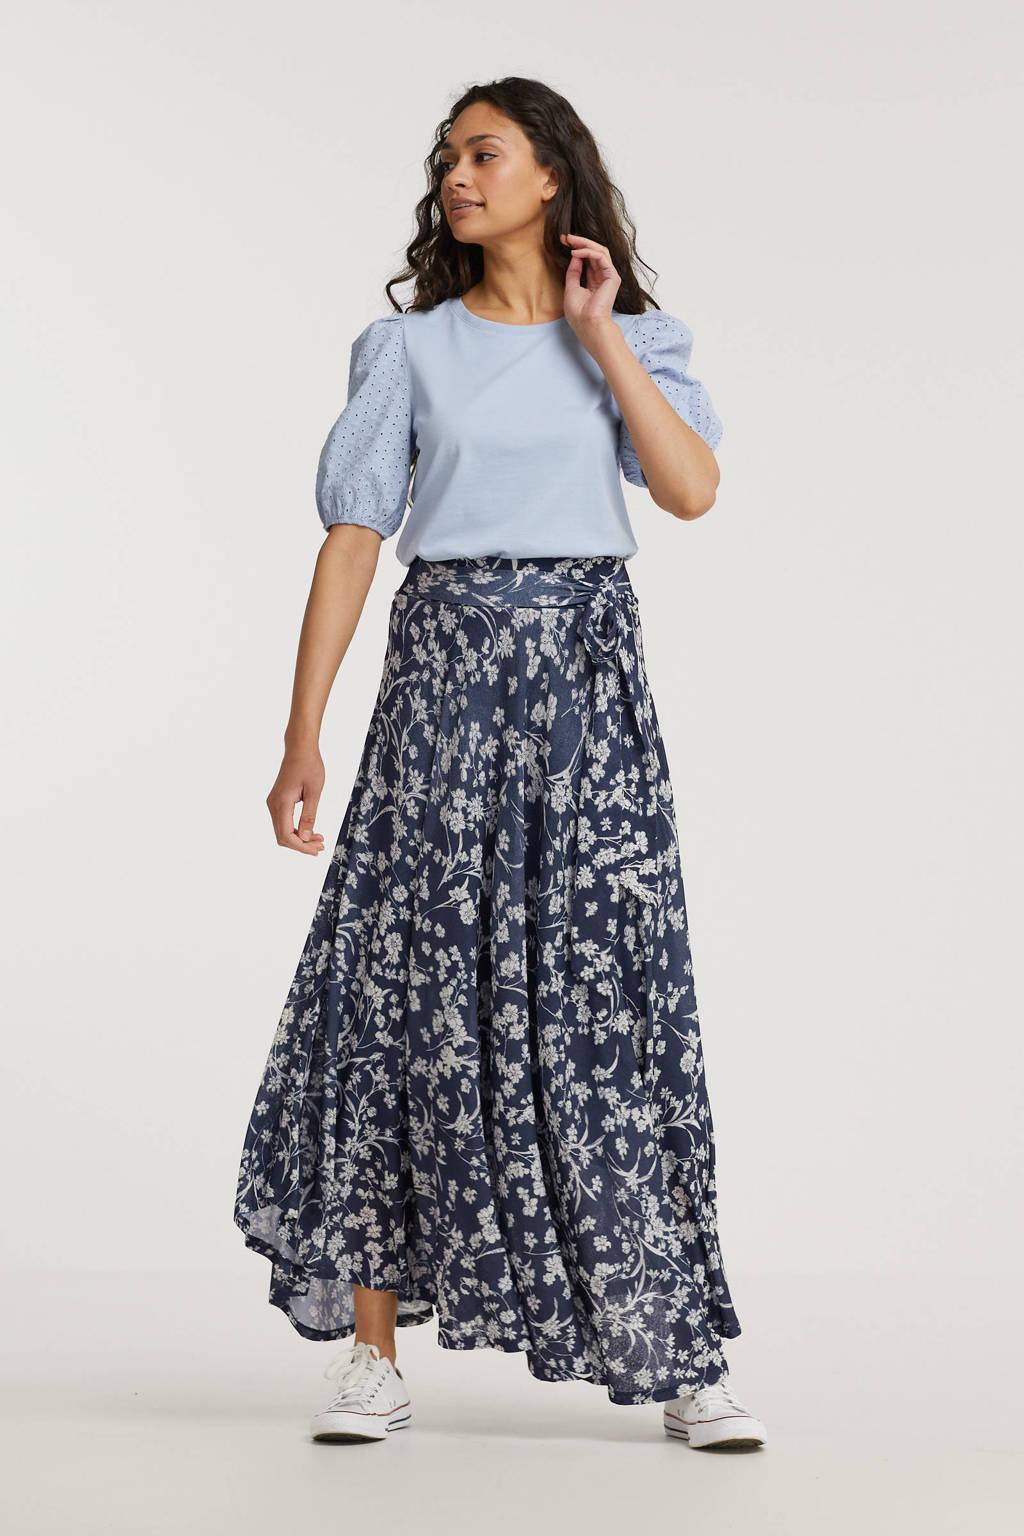 ESPRIT Women Casual gebloemde rok blauw, Blauw